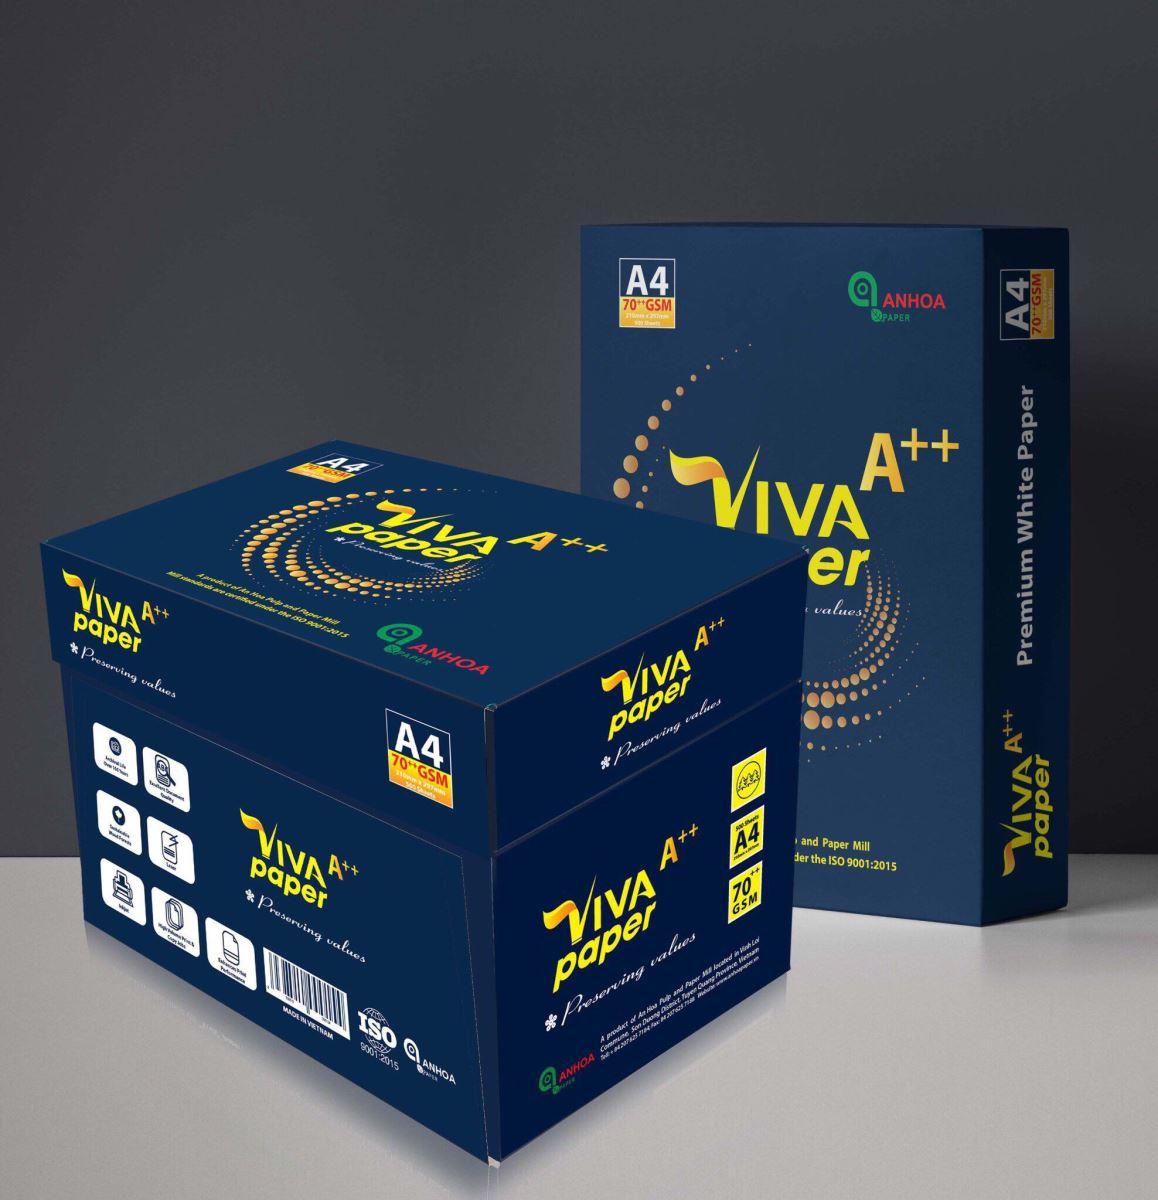 Giấy in viva paper A++ 70 gms A4